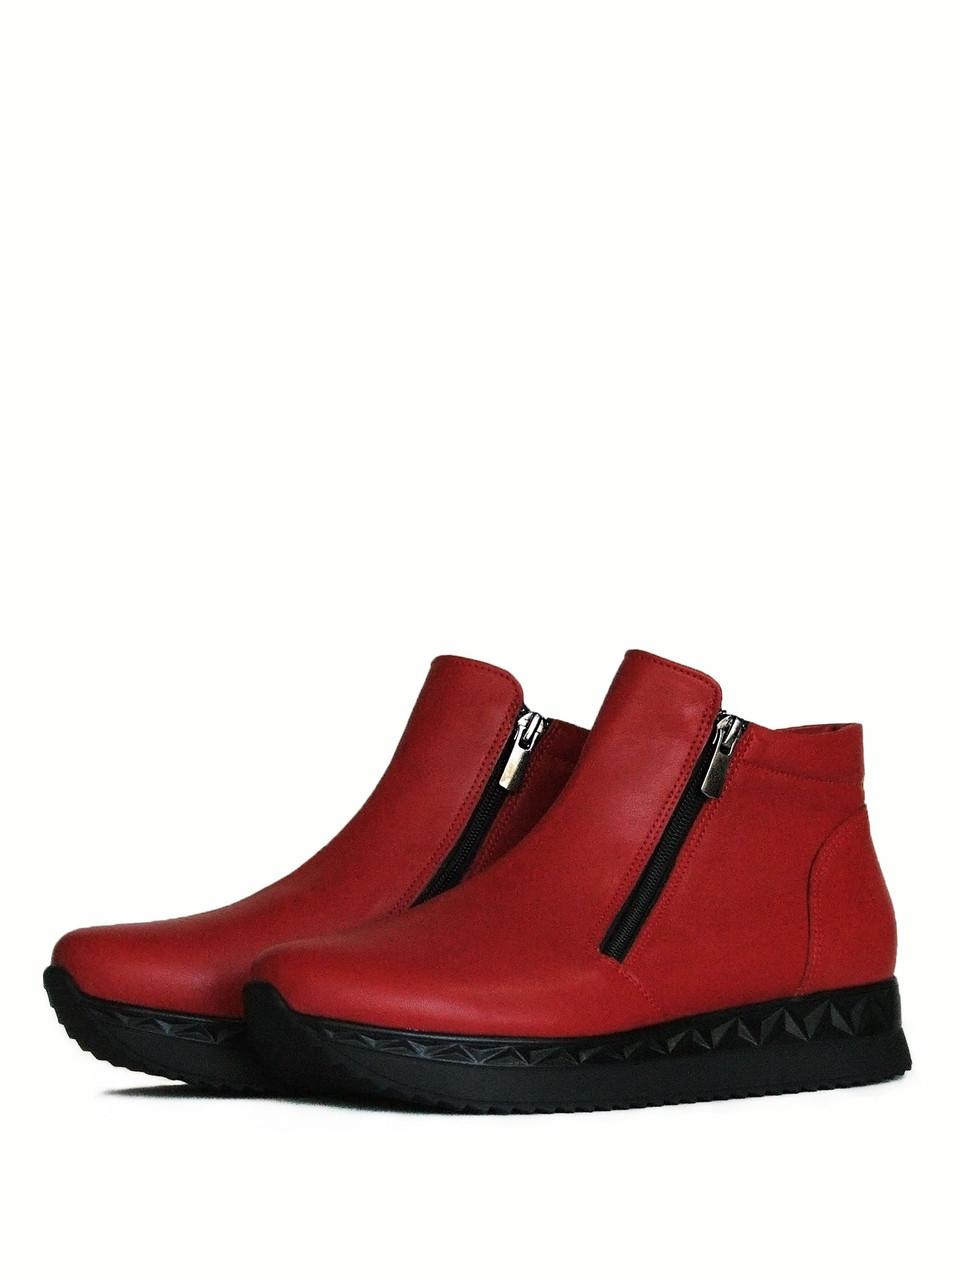 Ботинки красные кожаные на молниях